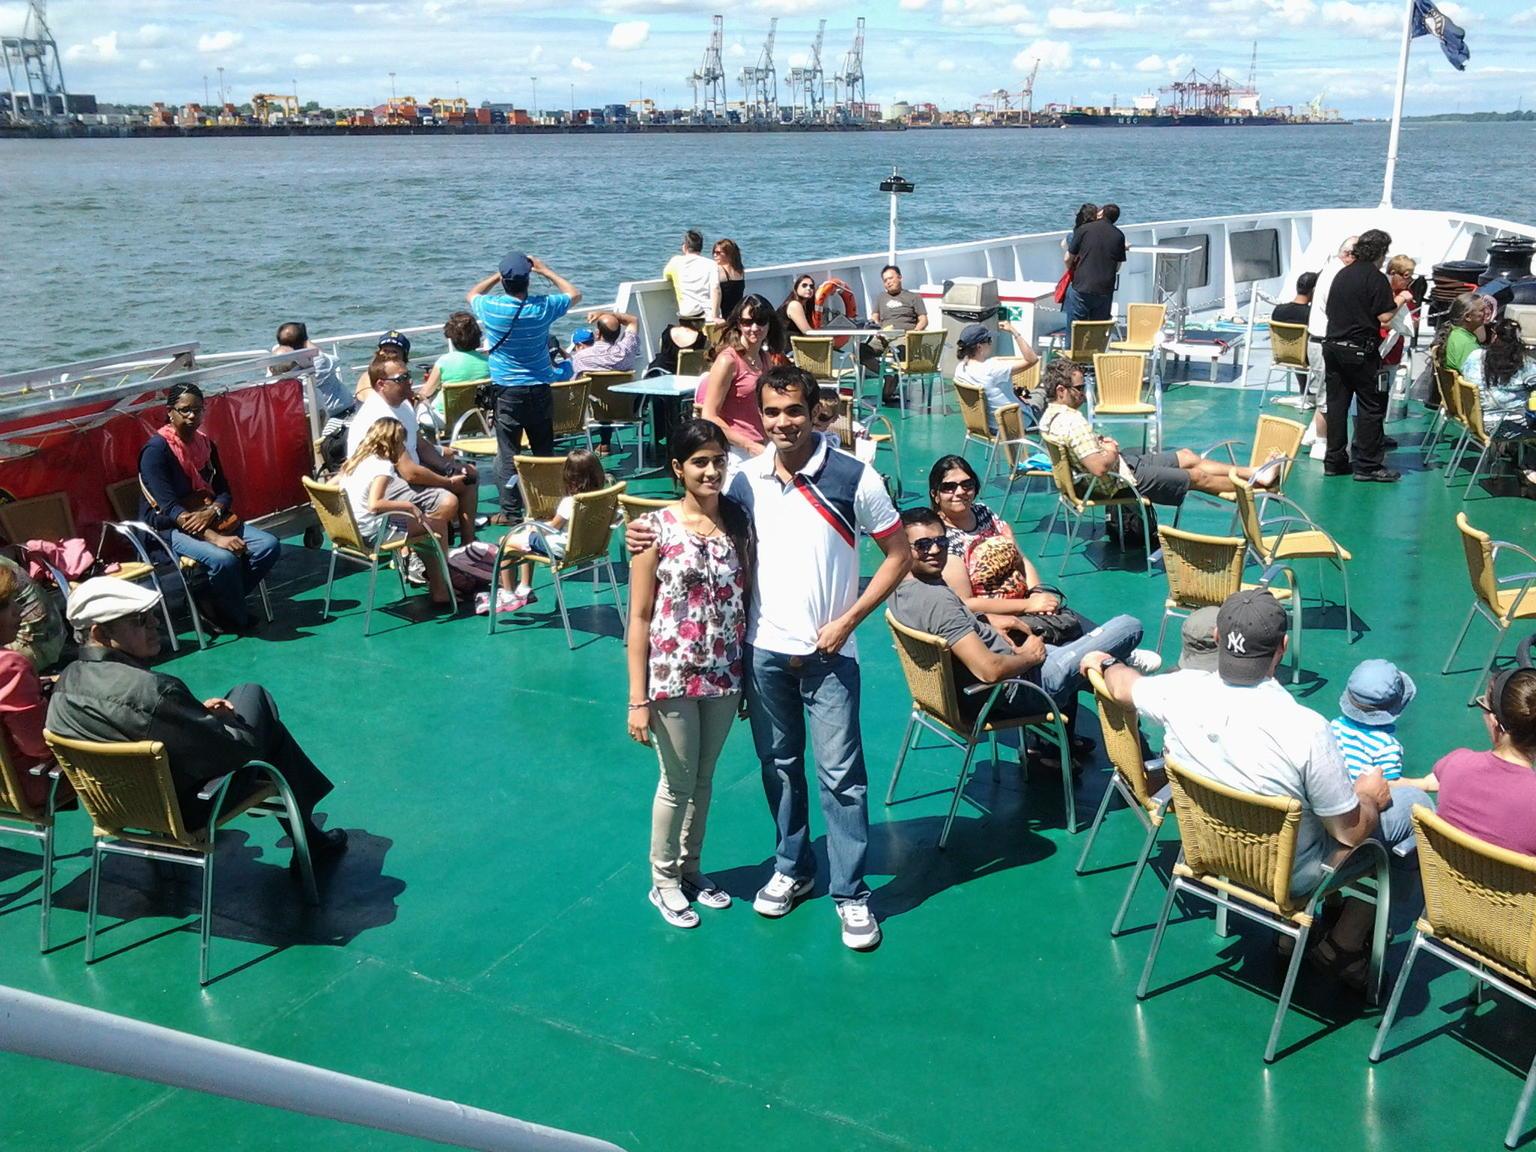 MÁS FOTOS, Crucero turístico guiado por Montreal